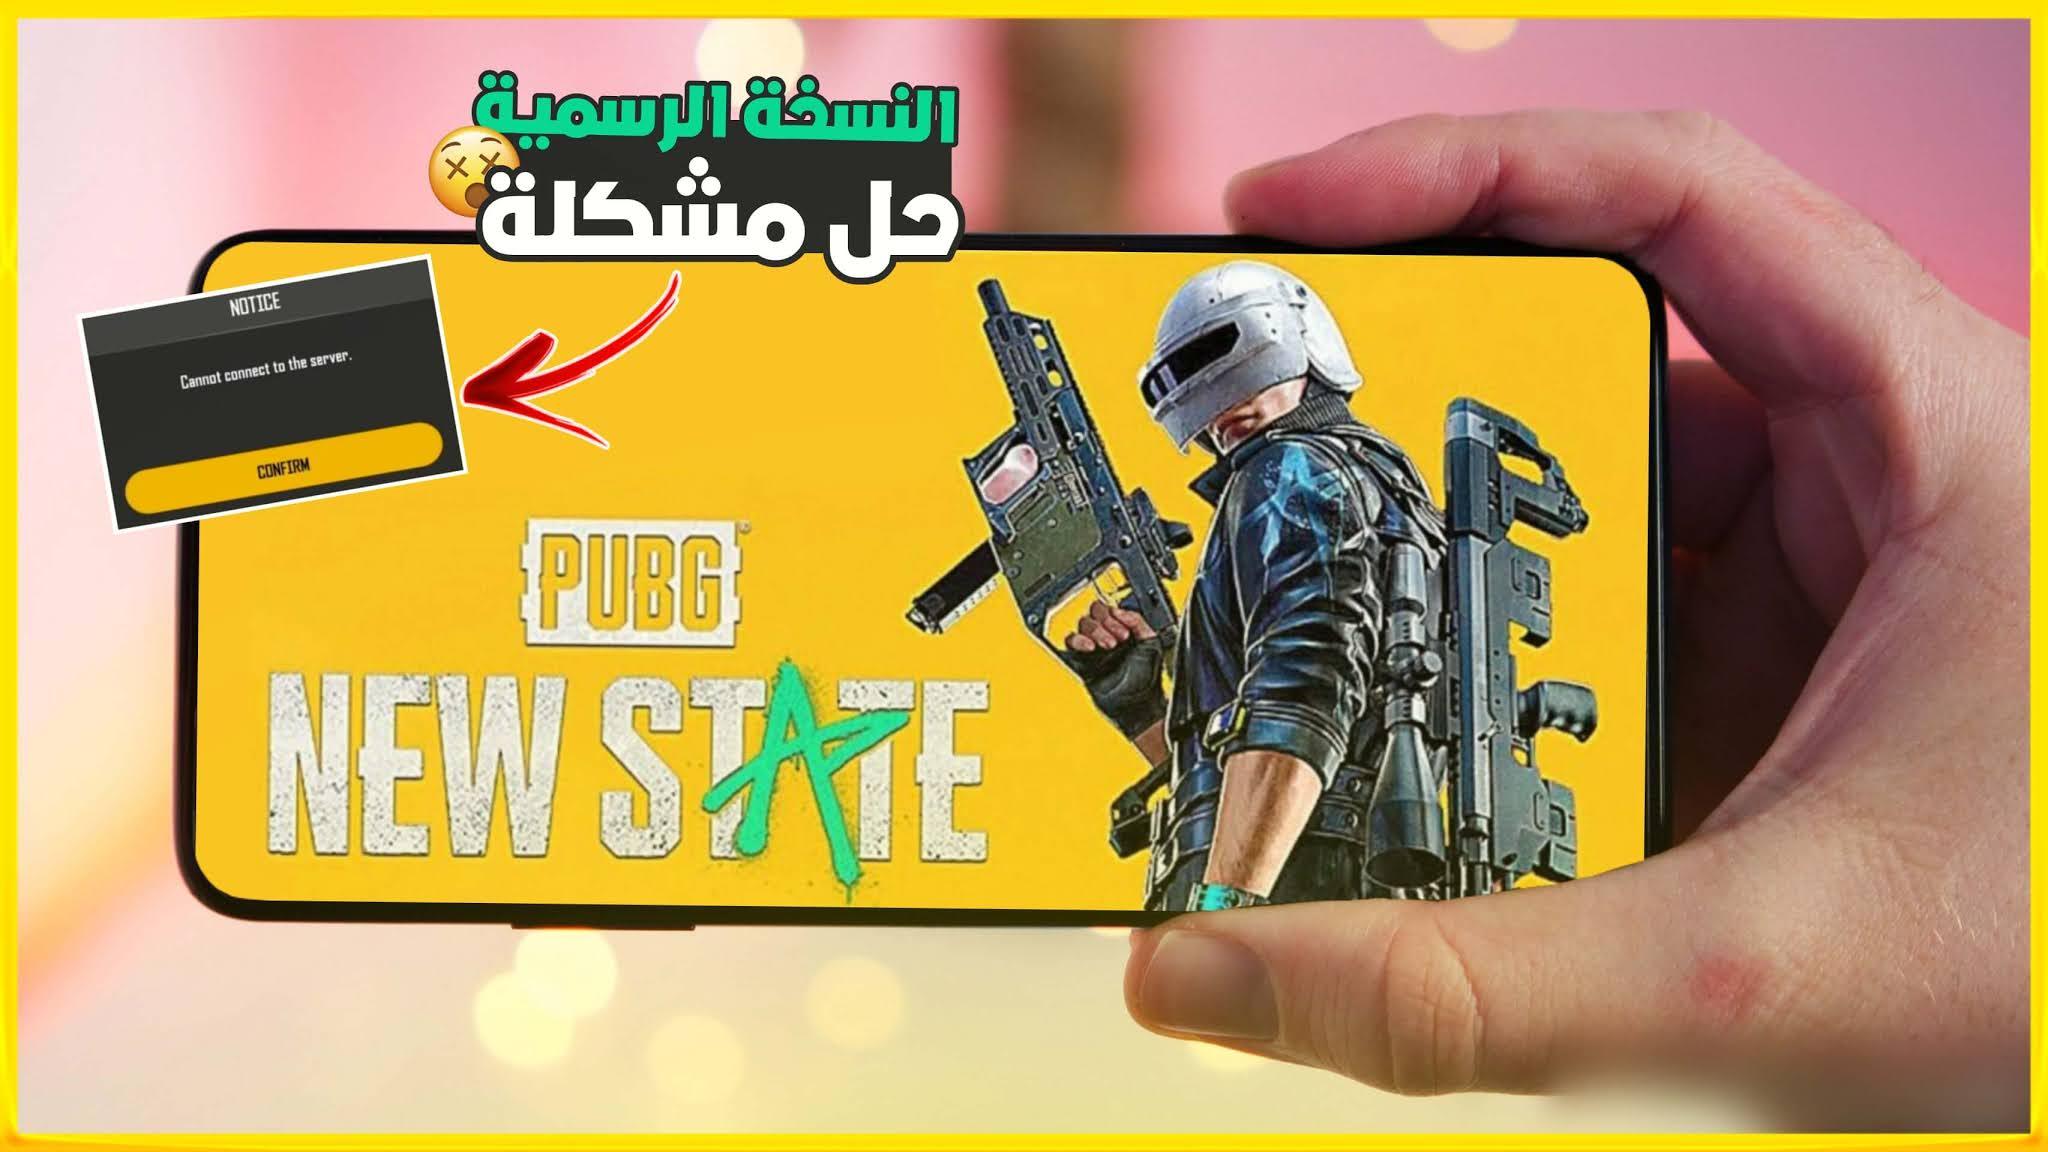 تحميل لعبة PUBG new state للاندرويد من ميديا فاير الاصلية وحل جميع المشاكل | PUBG MOBILE 2